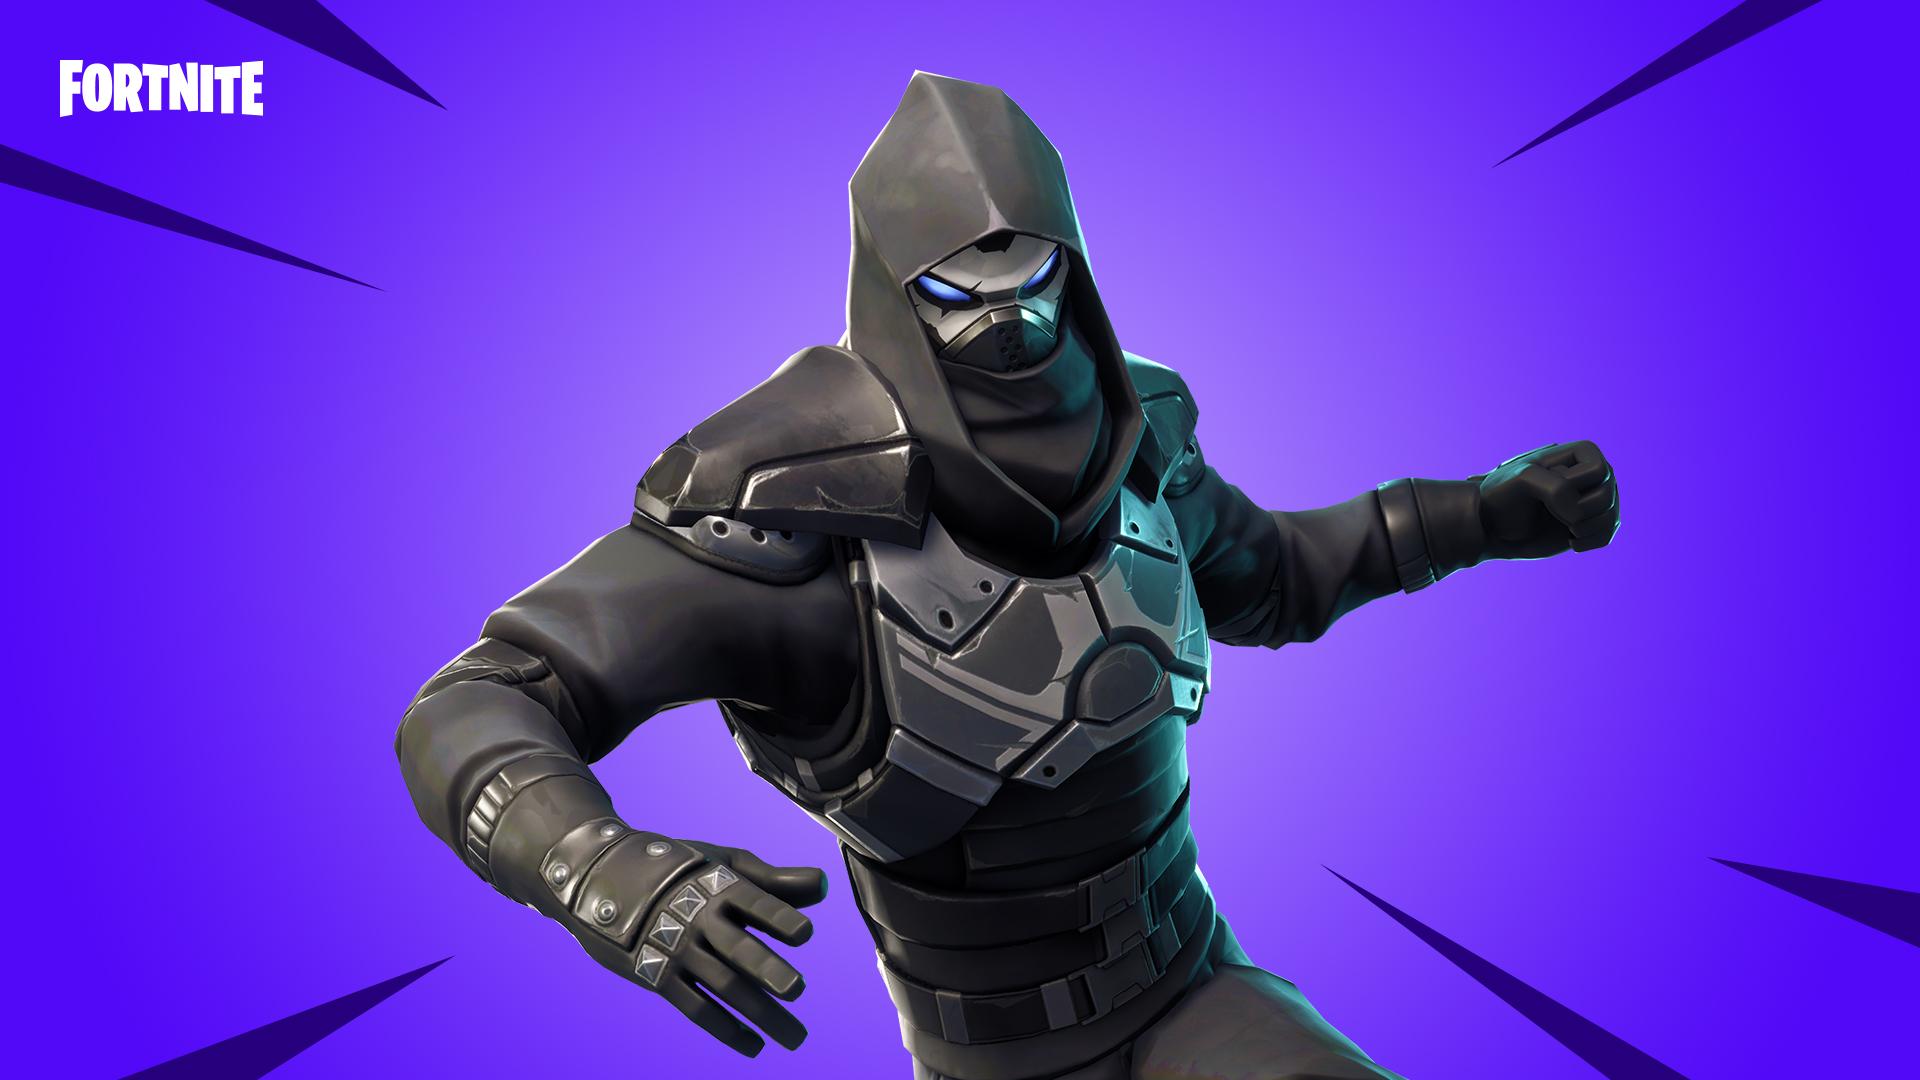 Fortnite Enforcer Outfits Fortnite Skins